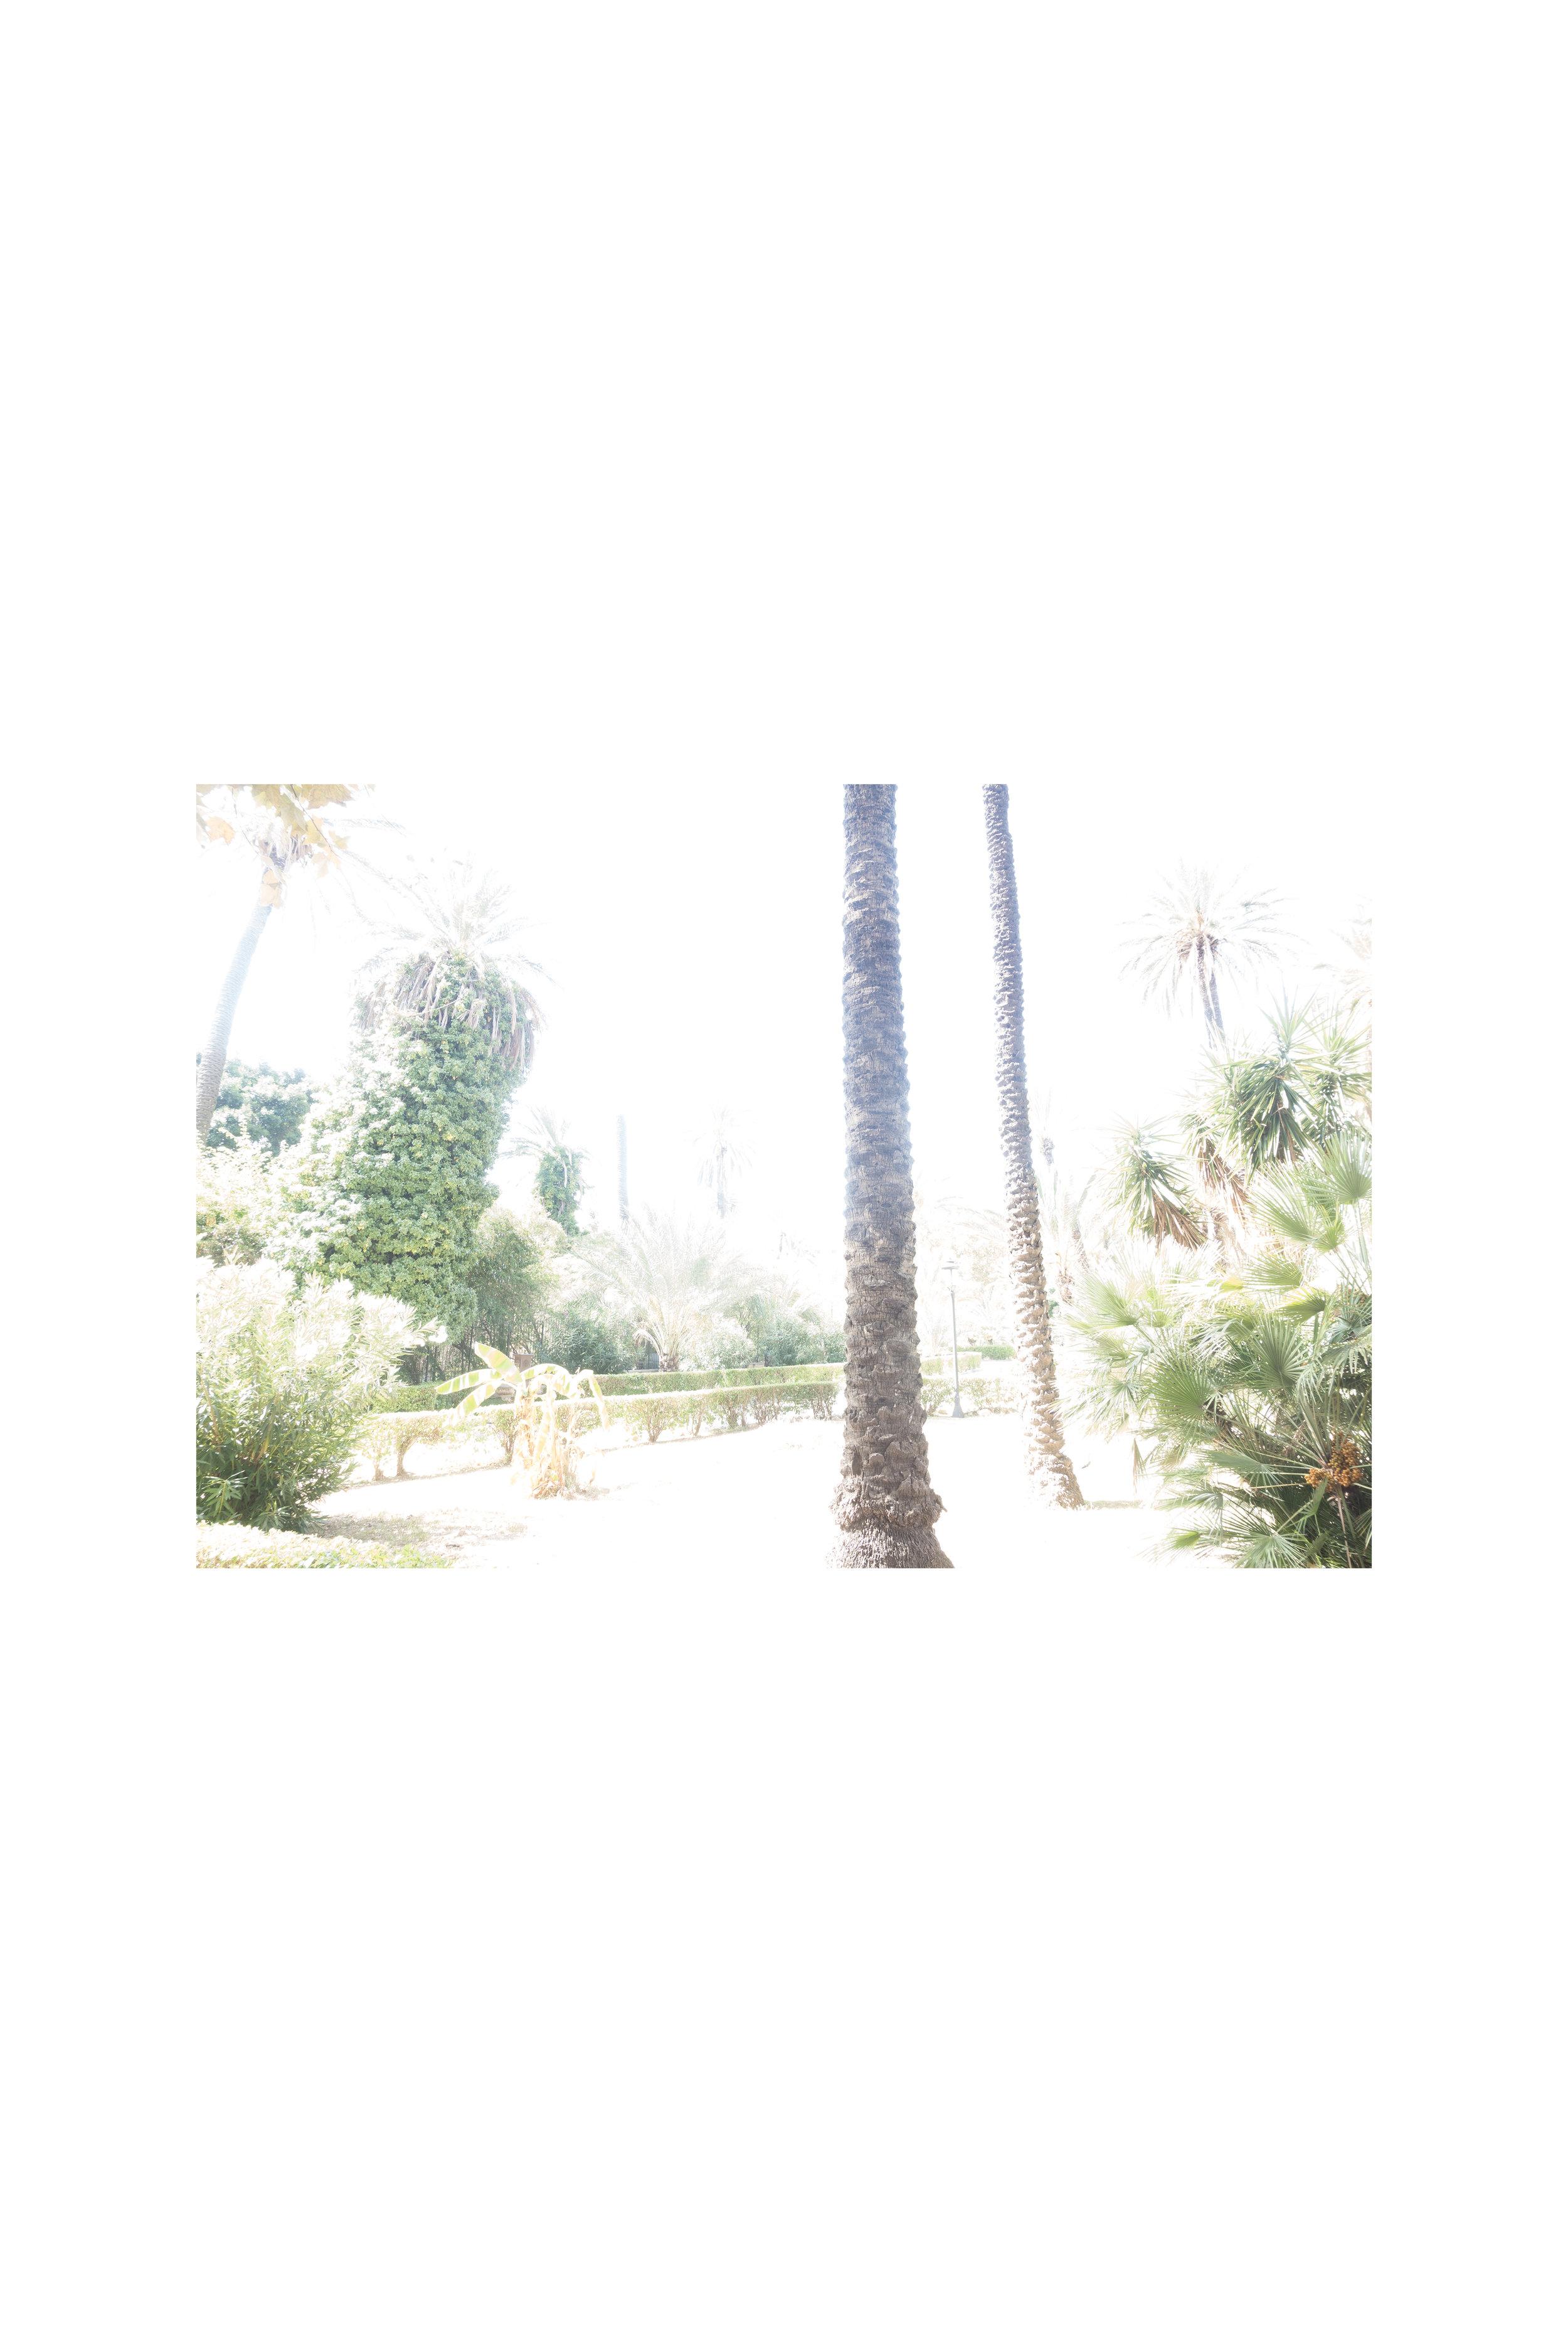 Luogo di nascita, Villa Bonanno-32x48cm.jpg